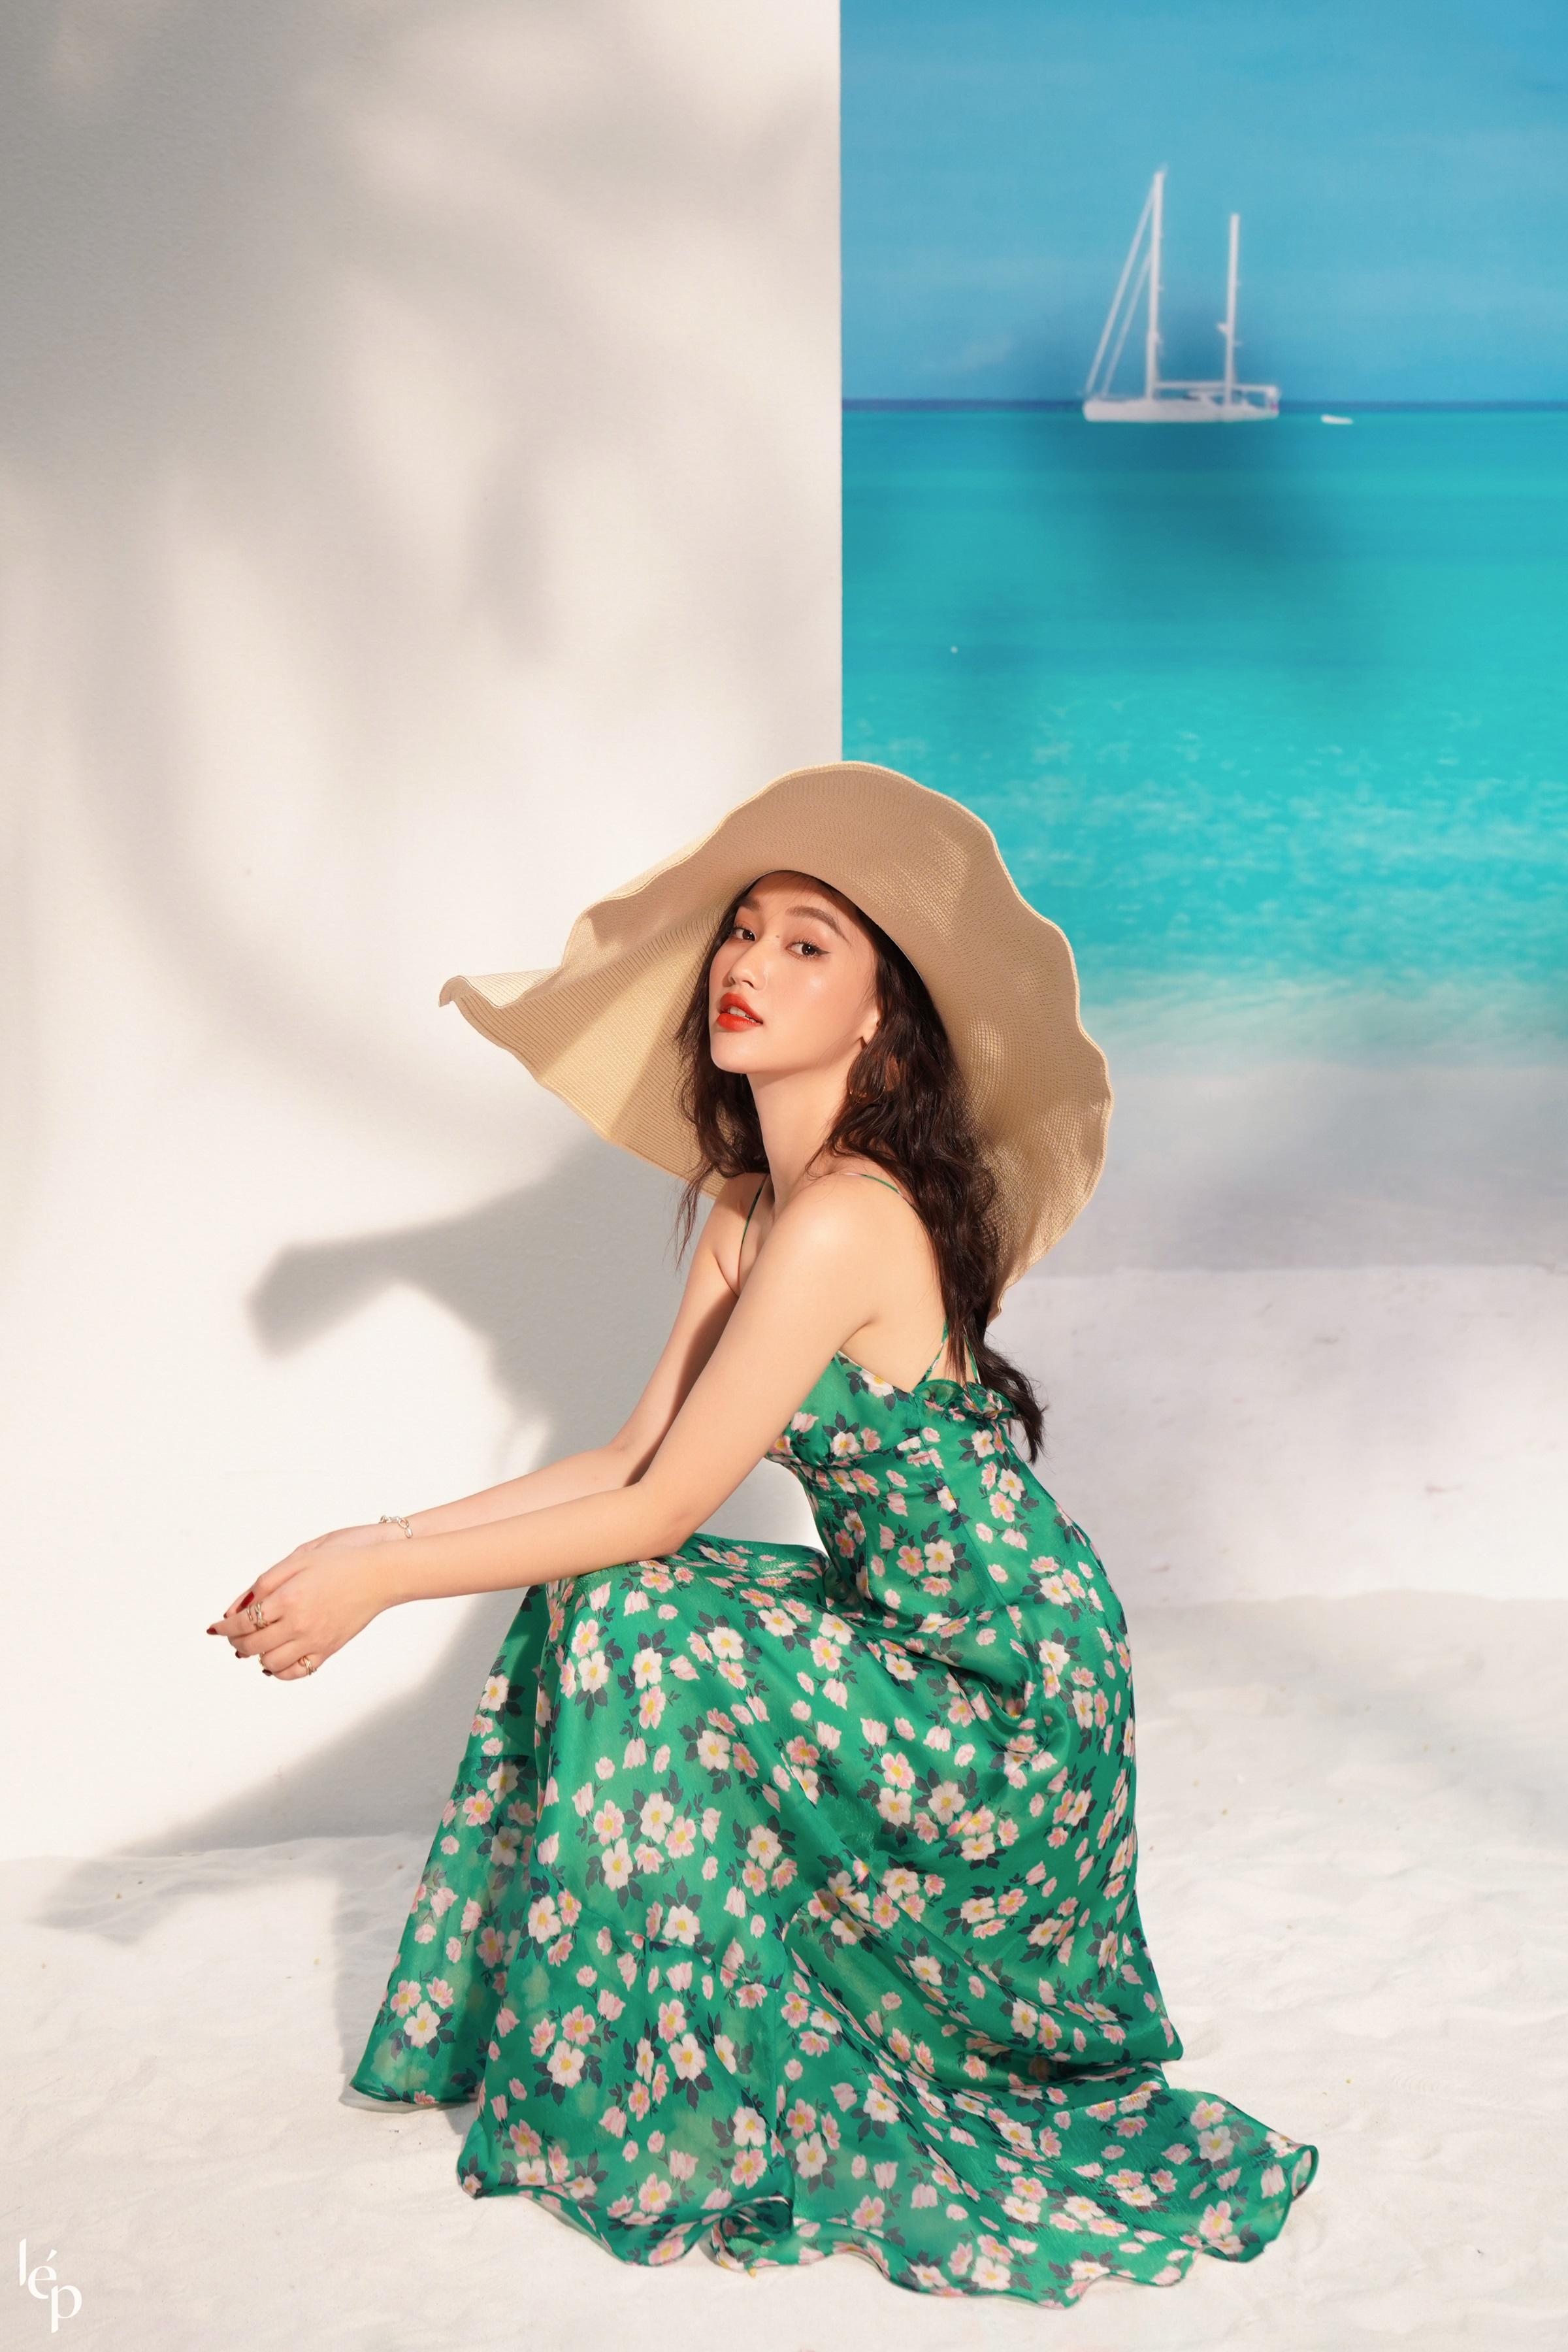 Các cô gái nên mix-match trang phục với mũ rộng vành hay túi cói để tăng thêm vẻ ấn tượng cho outfit mùa hè.